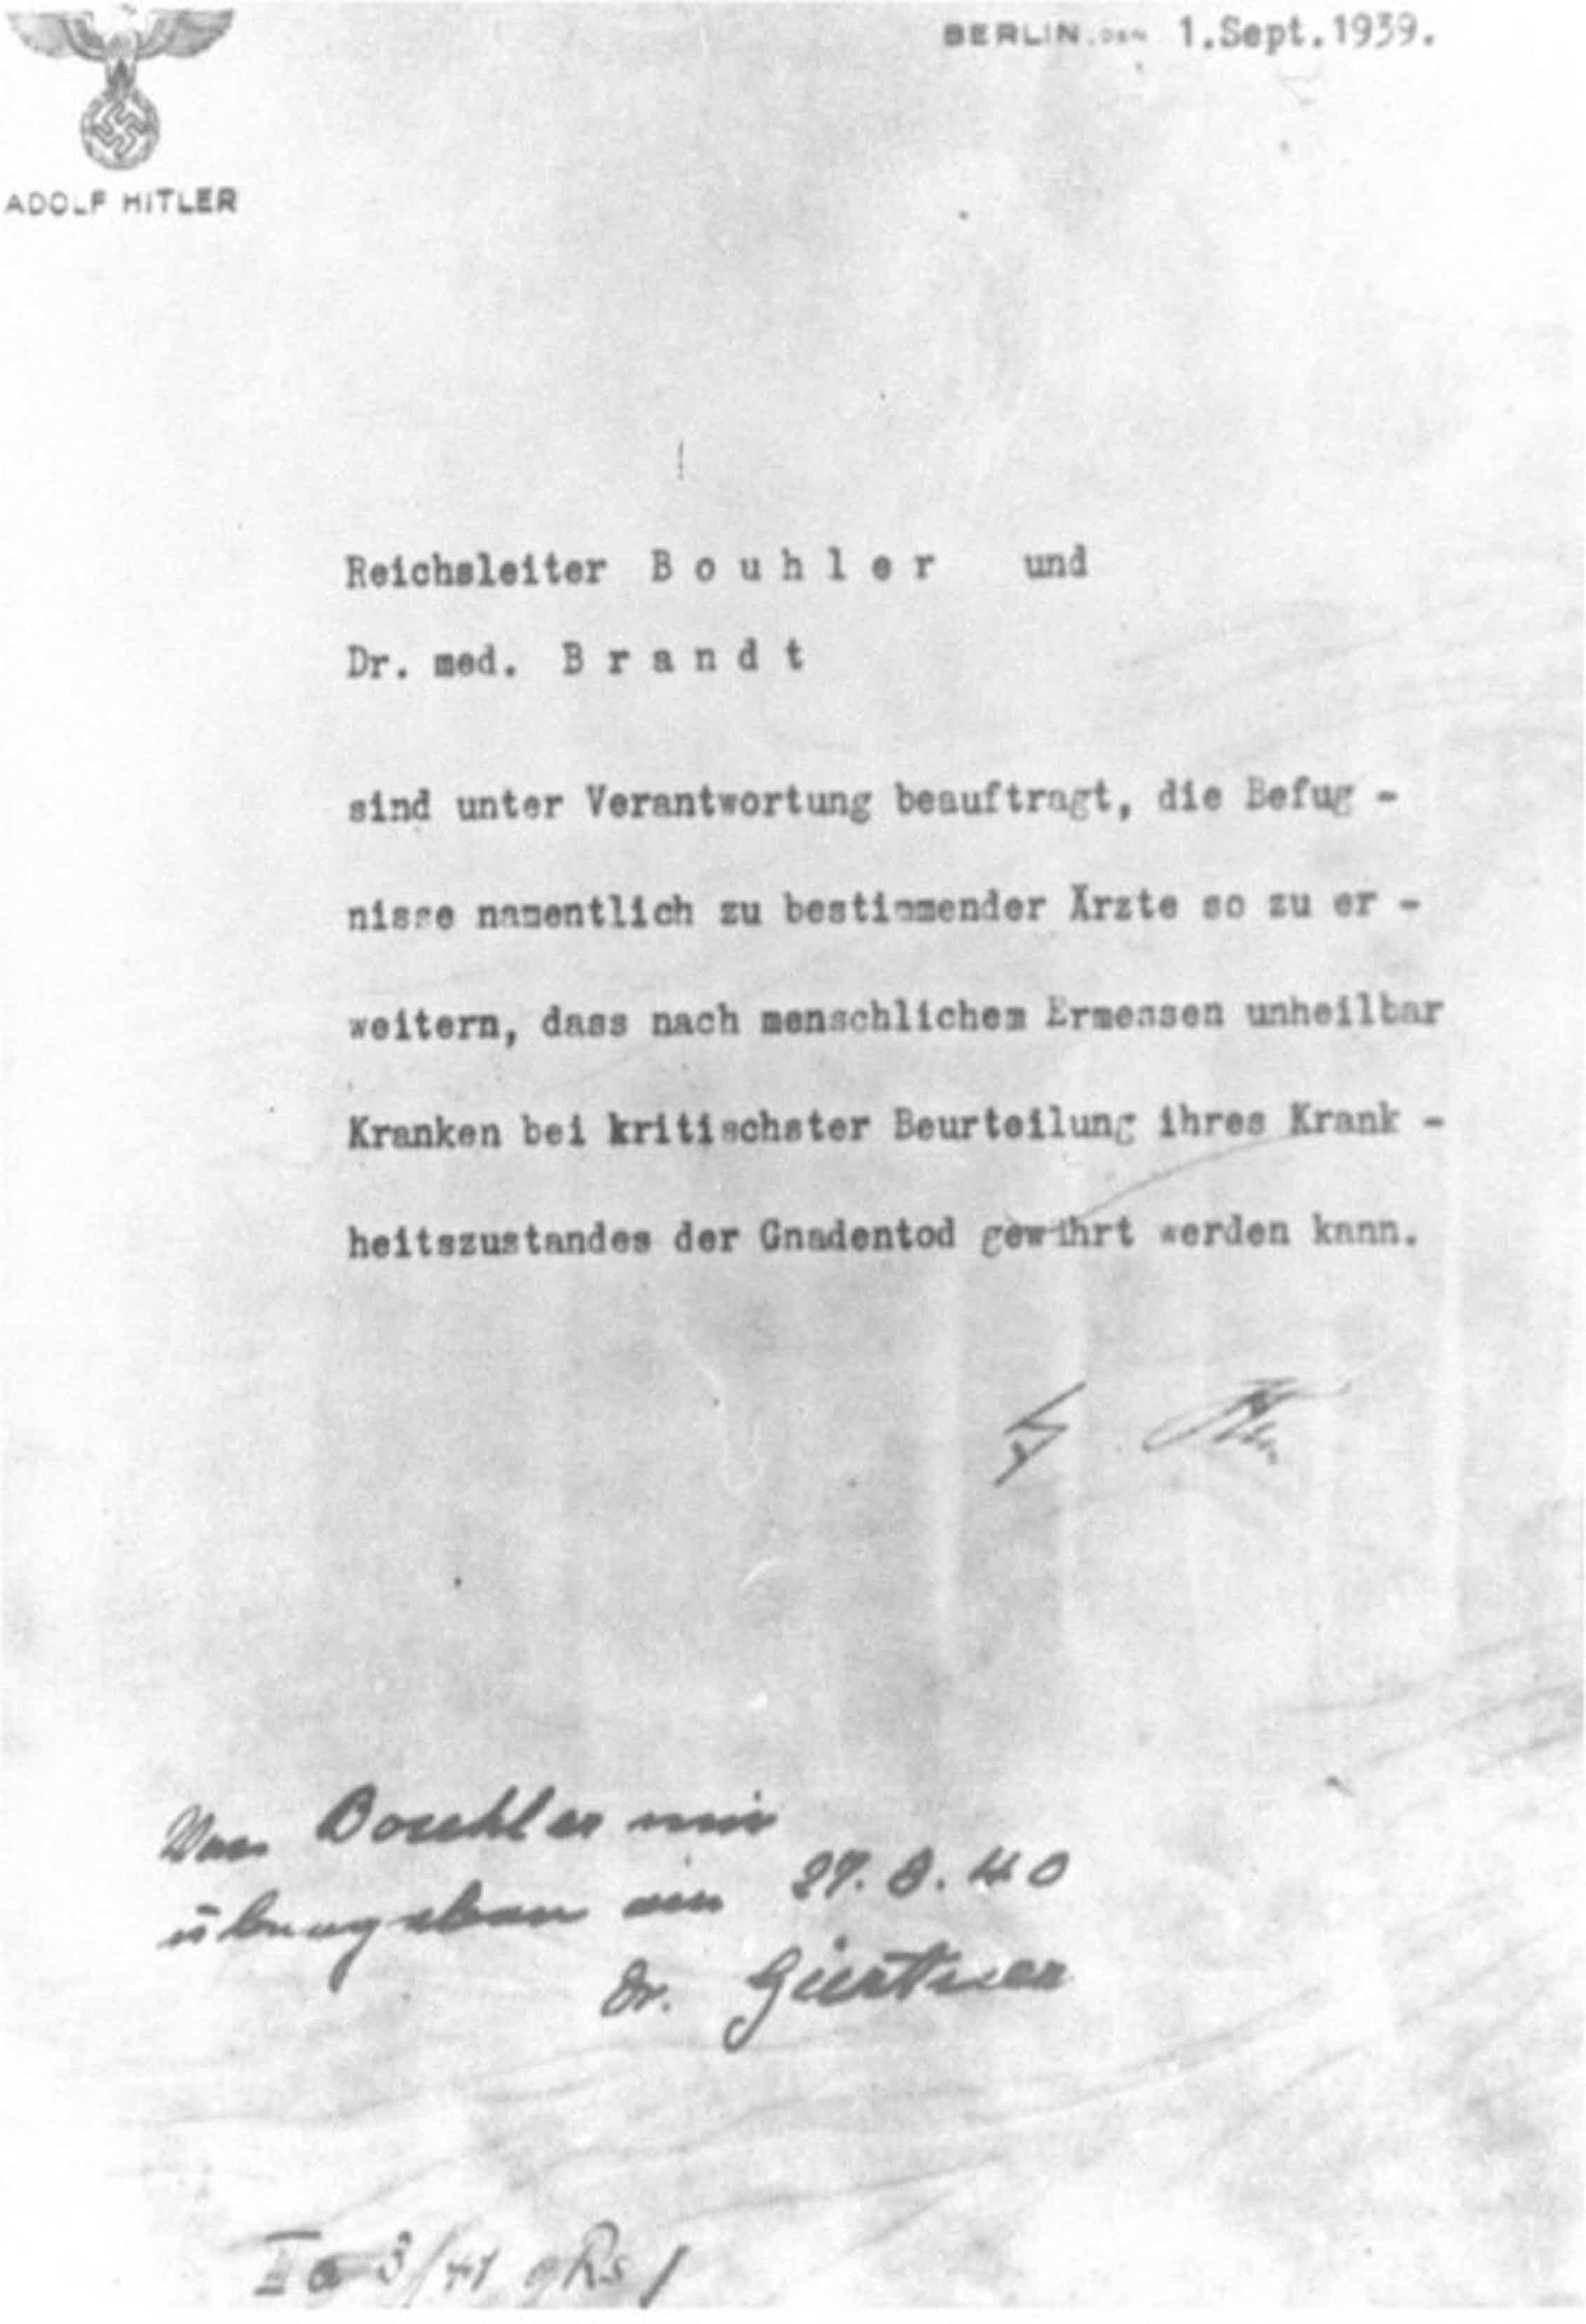 La autorización de Adolf Hitler para el programa de Eutanasia (Operación T4), firmada en octubre de 1939, pero fechada el 1 de septiembre de 1939.Holocaust Memorial Museum